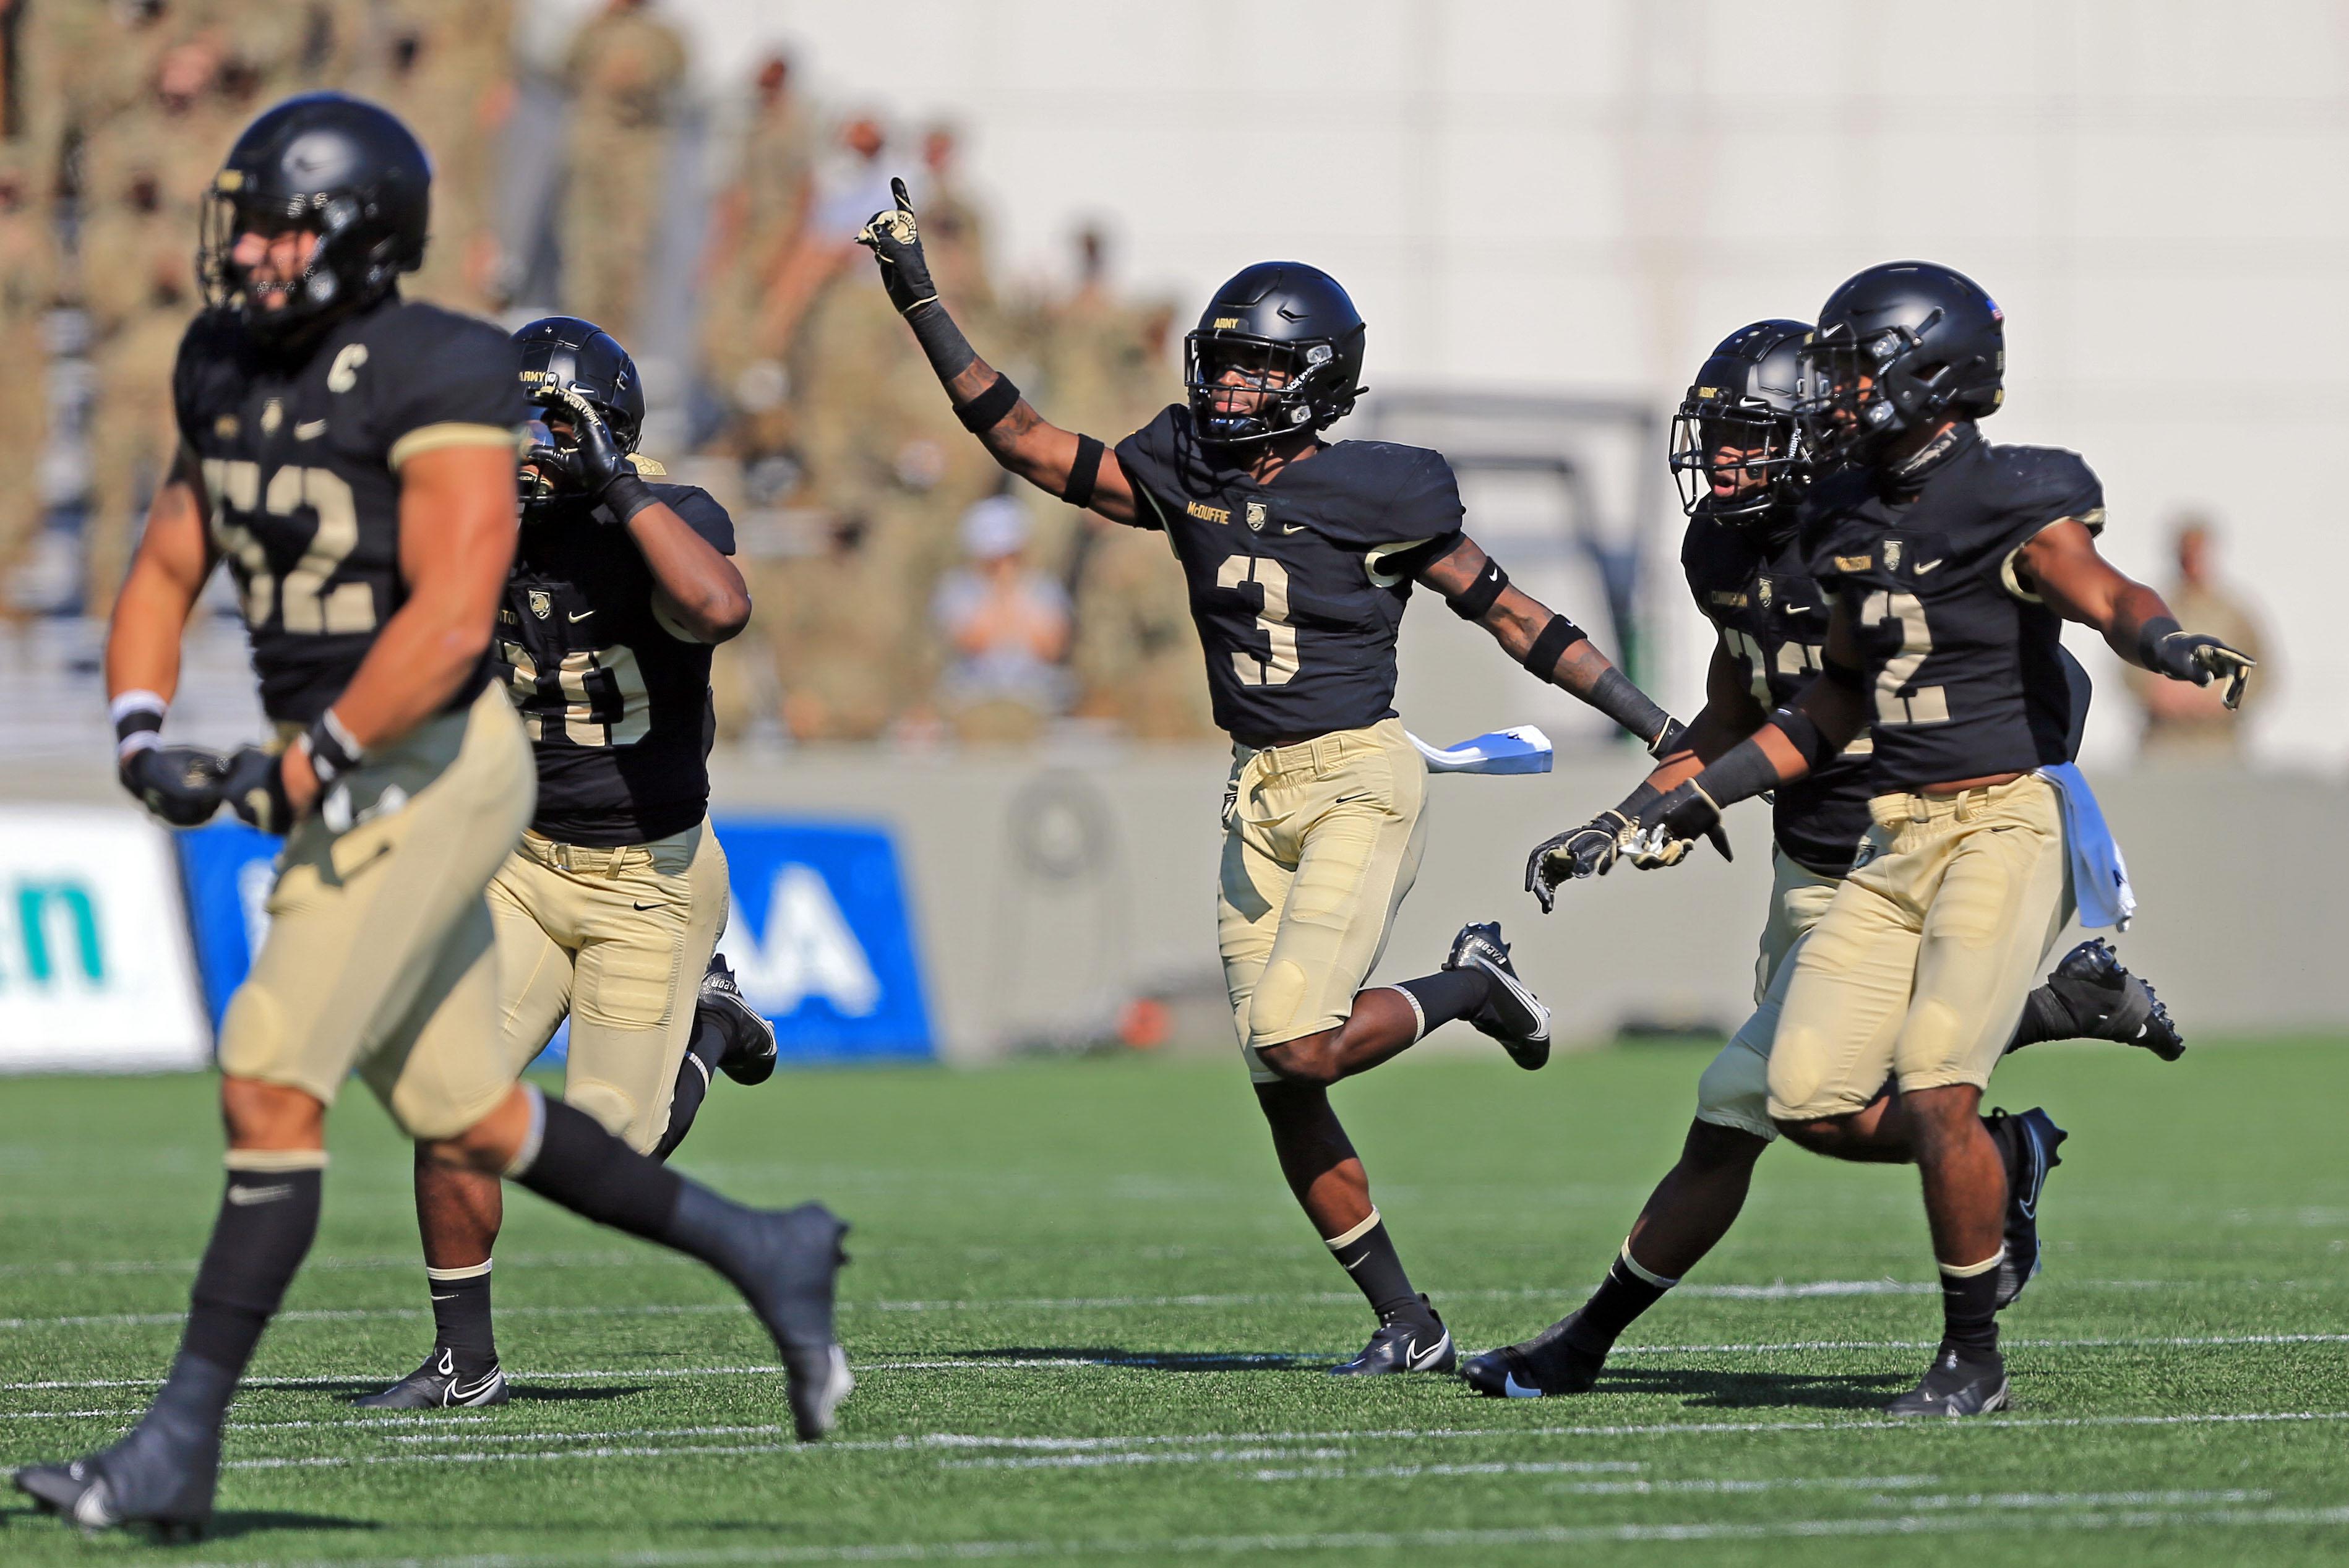 NCAA Football: The Citadel at Army